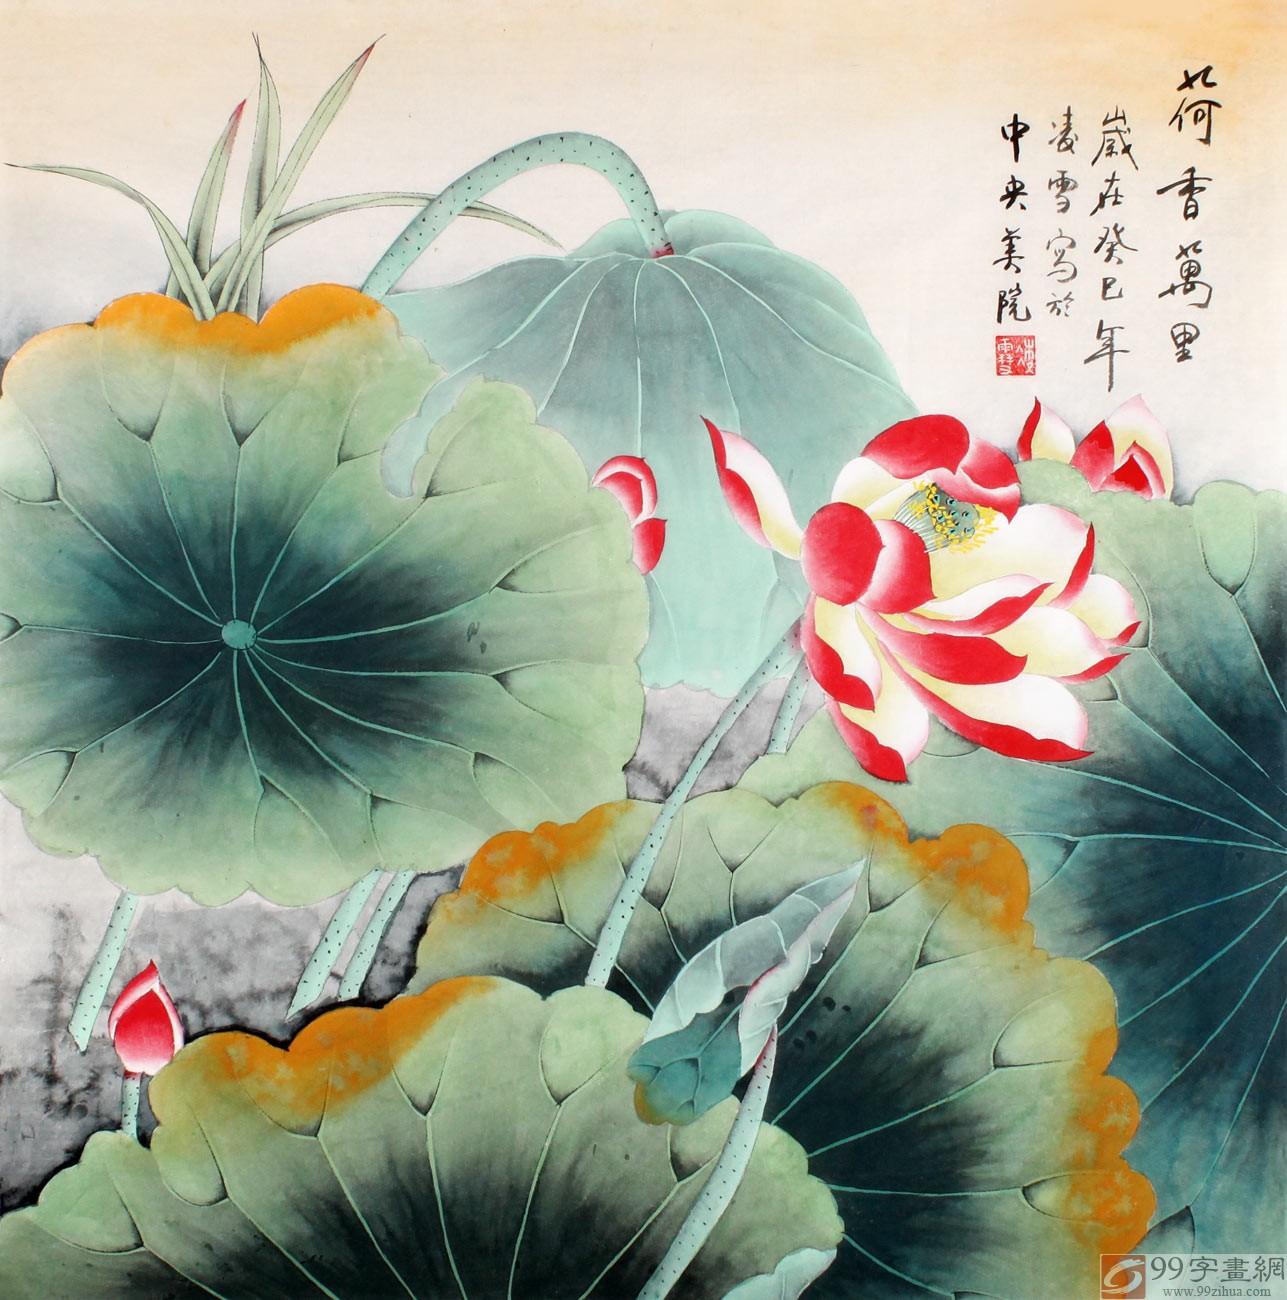 凌雪,原名段和敏,生于1955年,当代工笔画画家,毕业于中央美术学工笔画系,从师于金鸿均先生。其人自幼临摹中国历代花鸟画大师精品。从事绘画工作已有二十余年。主要画工笔花鸟画,工笔仕女画。其绘画风格细腻、艳丽、富有神韵。凌雪的作品曾多在多家报刊发表被国内外多家画廊和个人收藏。 作品曾多次参加全国美展及各种画展并获奖。主要获奖作品:《凌寒怒放》获亚洲女画家作品大展优异奖,《甜妹子》在亚洲女画家作品大展中获优异奖,《十月红》在1999年中国画大展中获一等奖。《一串红》获93年中国画大展二等奖,《迎春》获中国大城